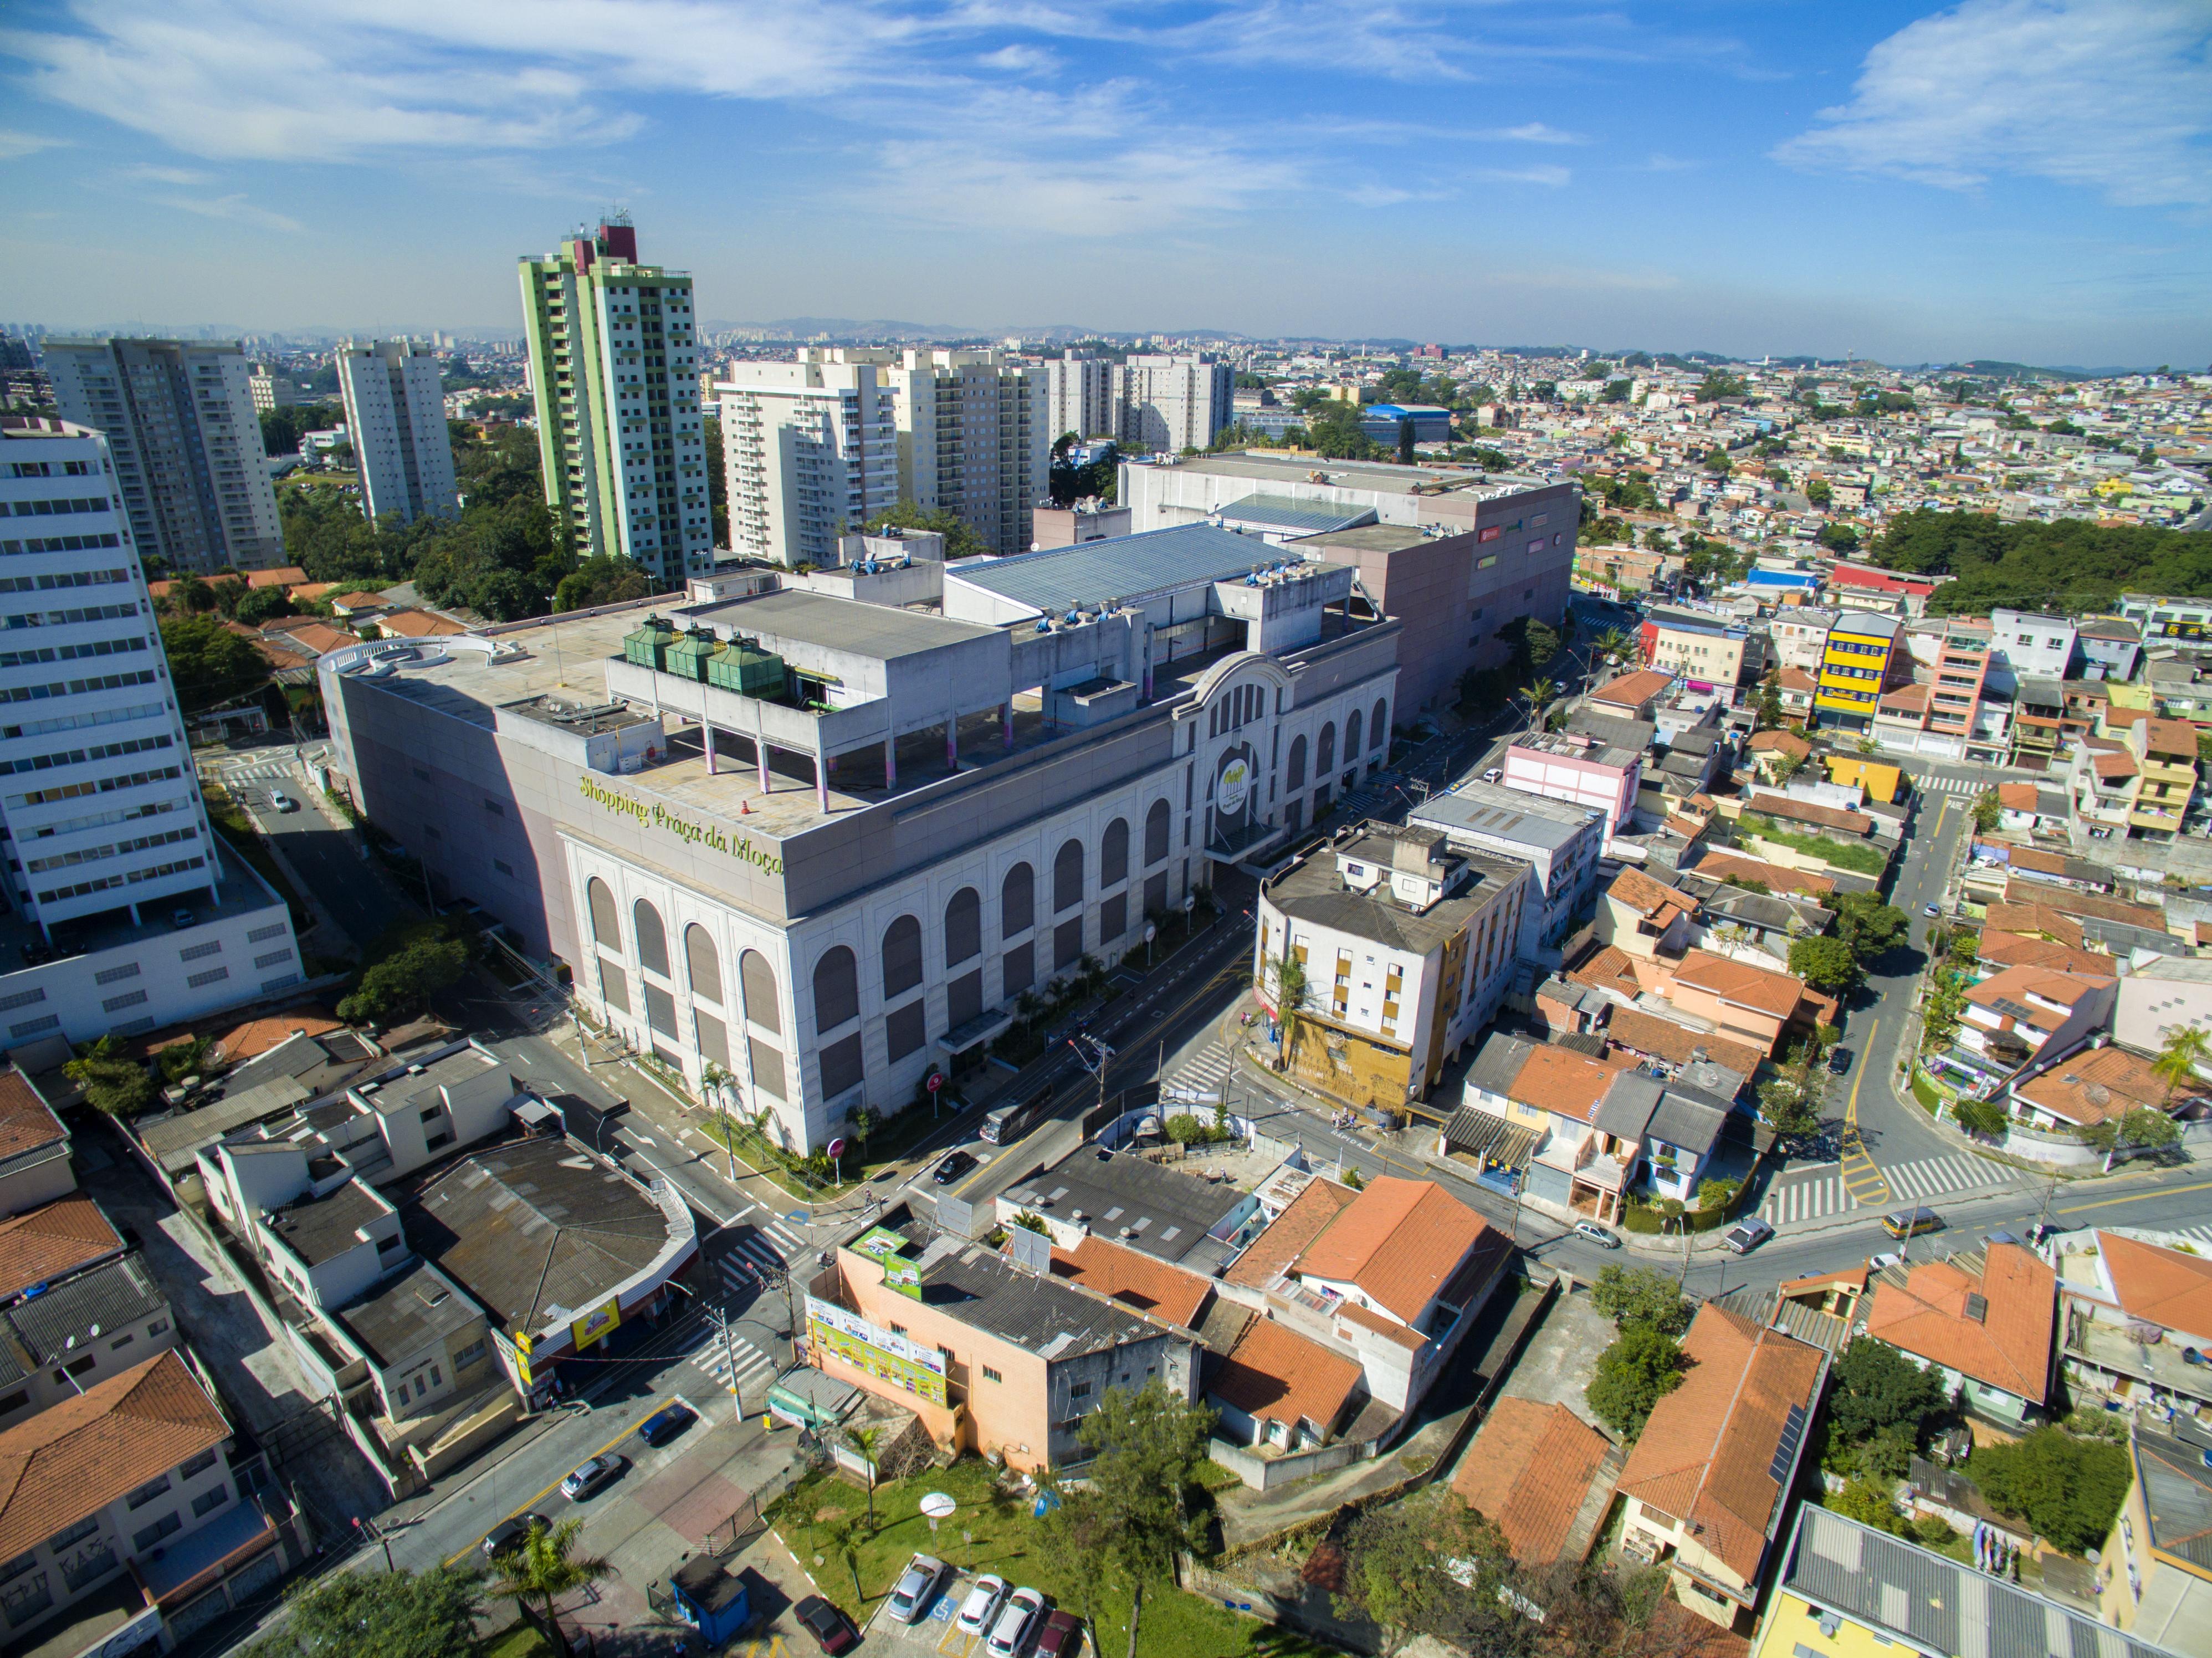 Shopping Praça da Moça - Diadema